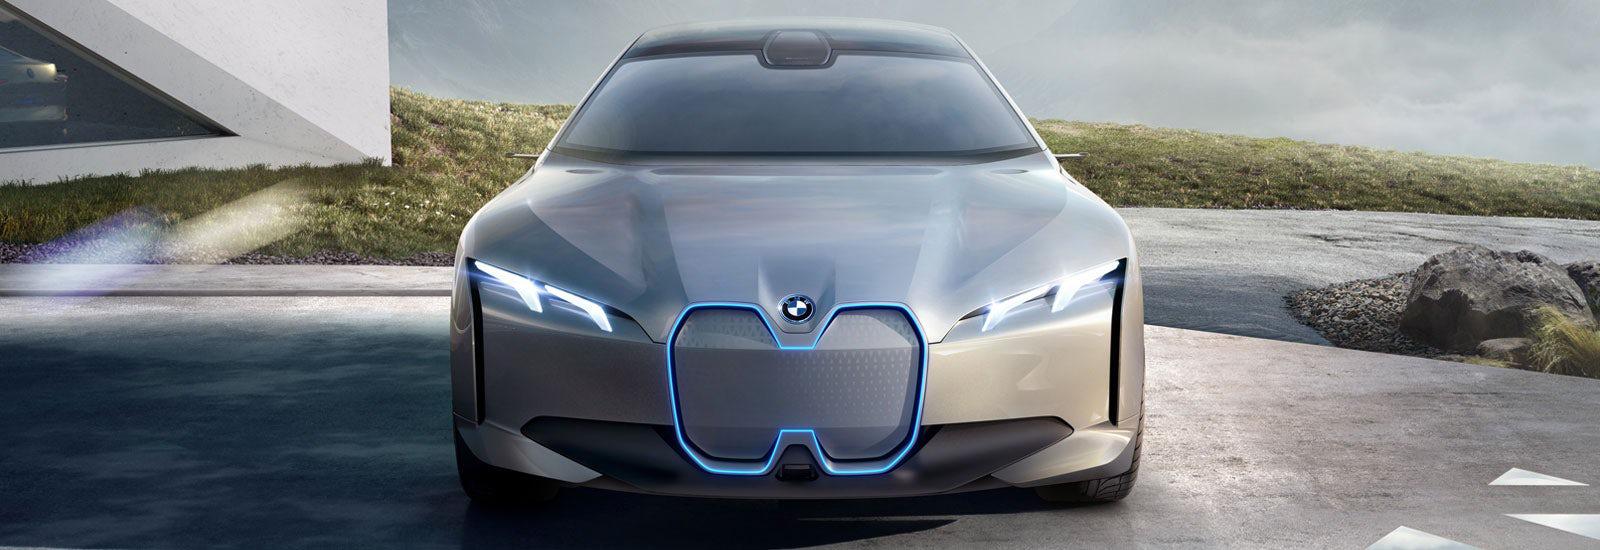 رونمائی کانسپت جدید BMW